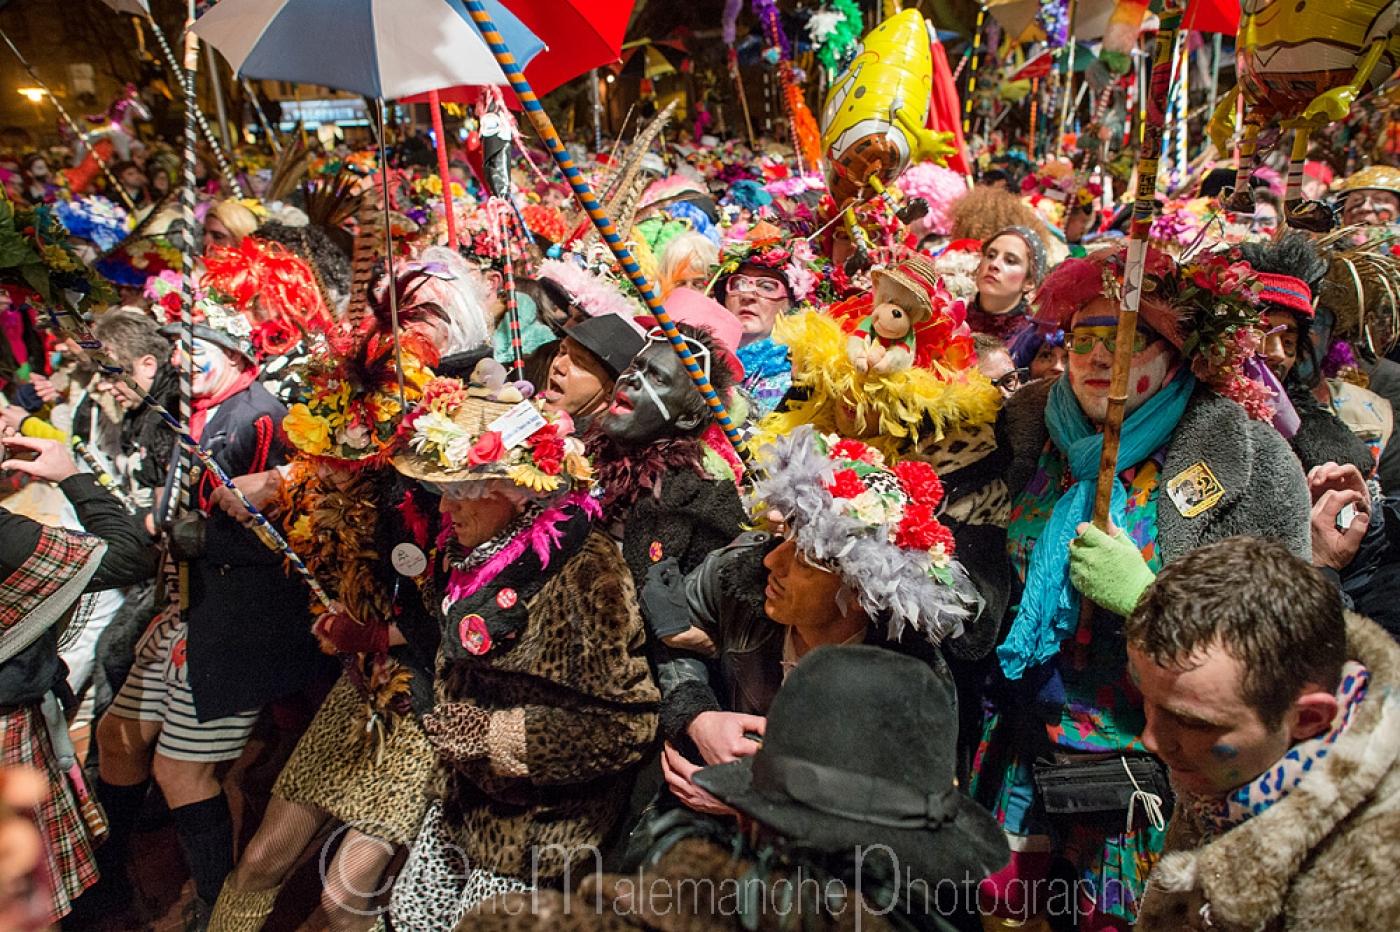 http://www.ericmalemanche.com/imagess/topics/carnaval-de-dunkerque/liste/Carnaval-Dunkerque-6576-2.jpg